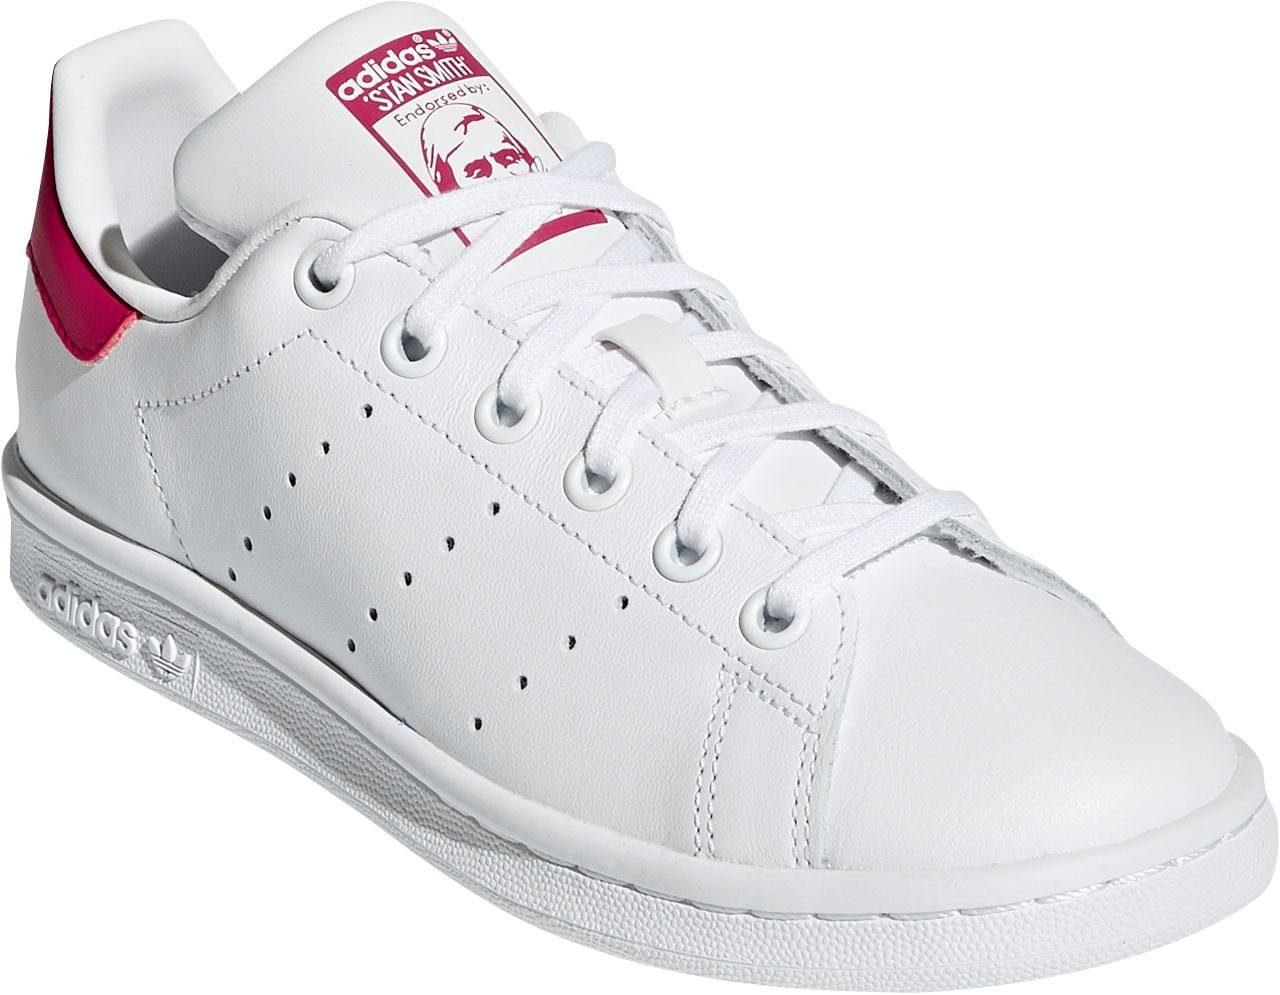 adidas Originals Coast Star EE8900 | WEIβ | für 64,50